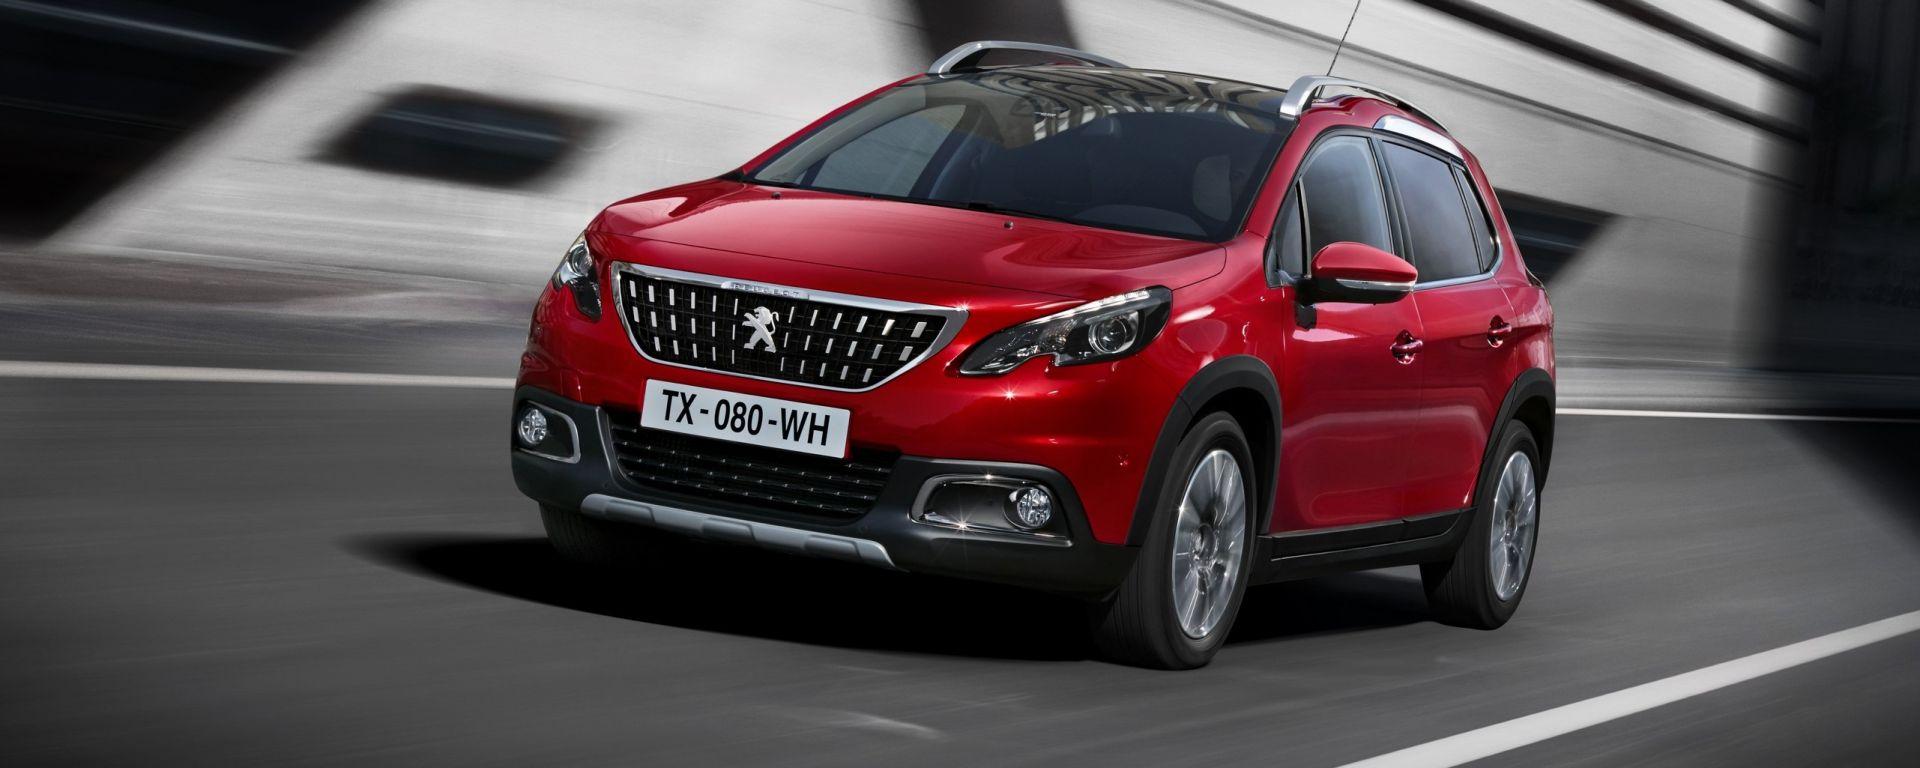 Peugeot 2008: la prova del SUV compatto